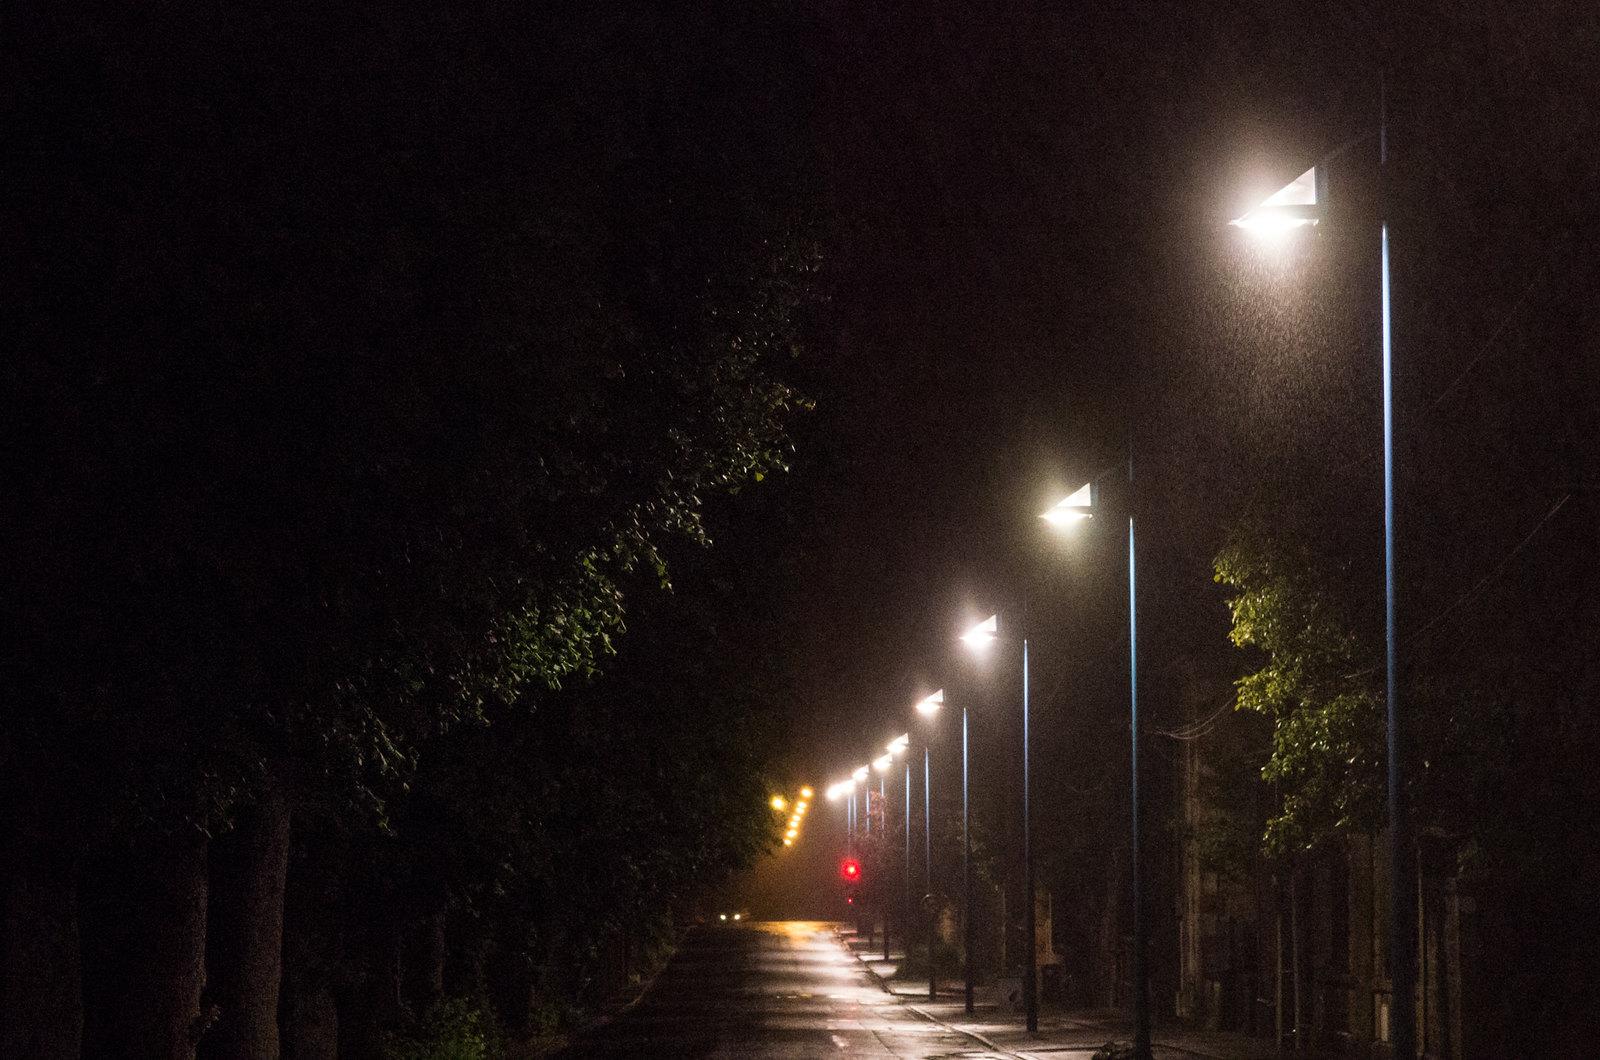 Road trip en France - Le long de la Meuse, sous la pluie